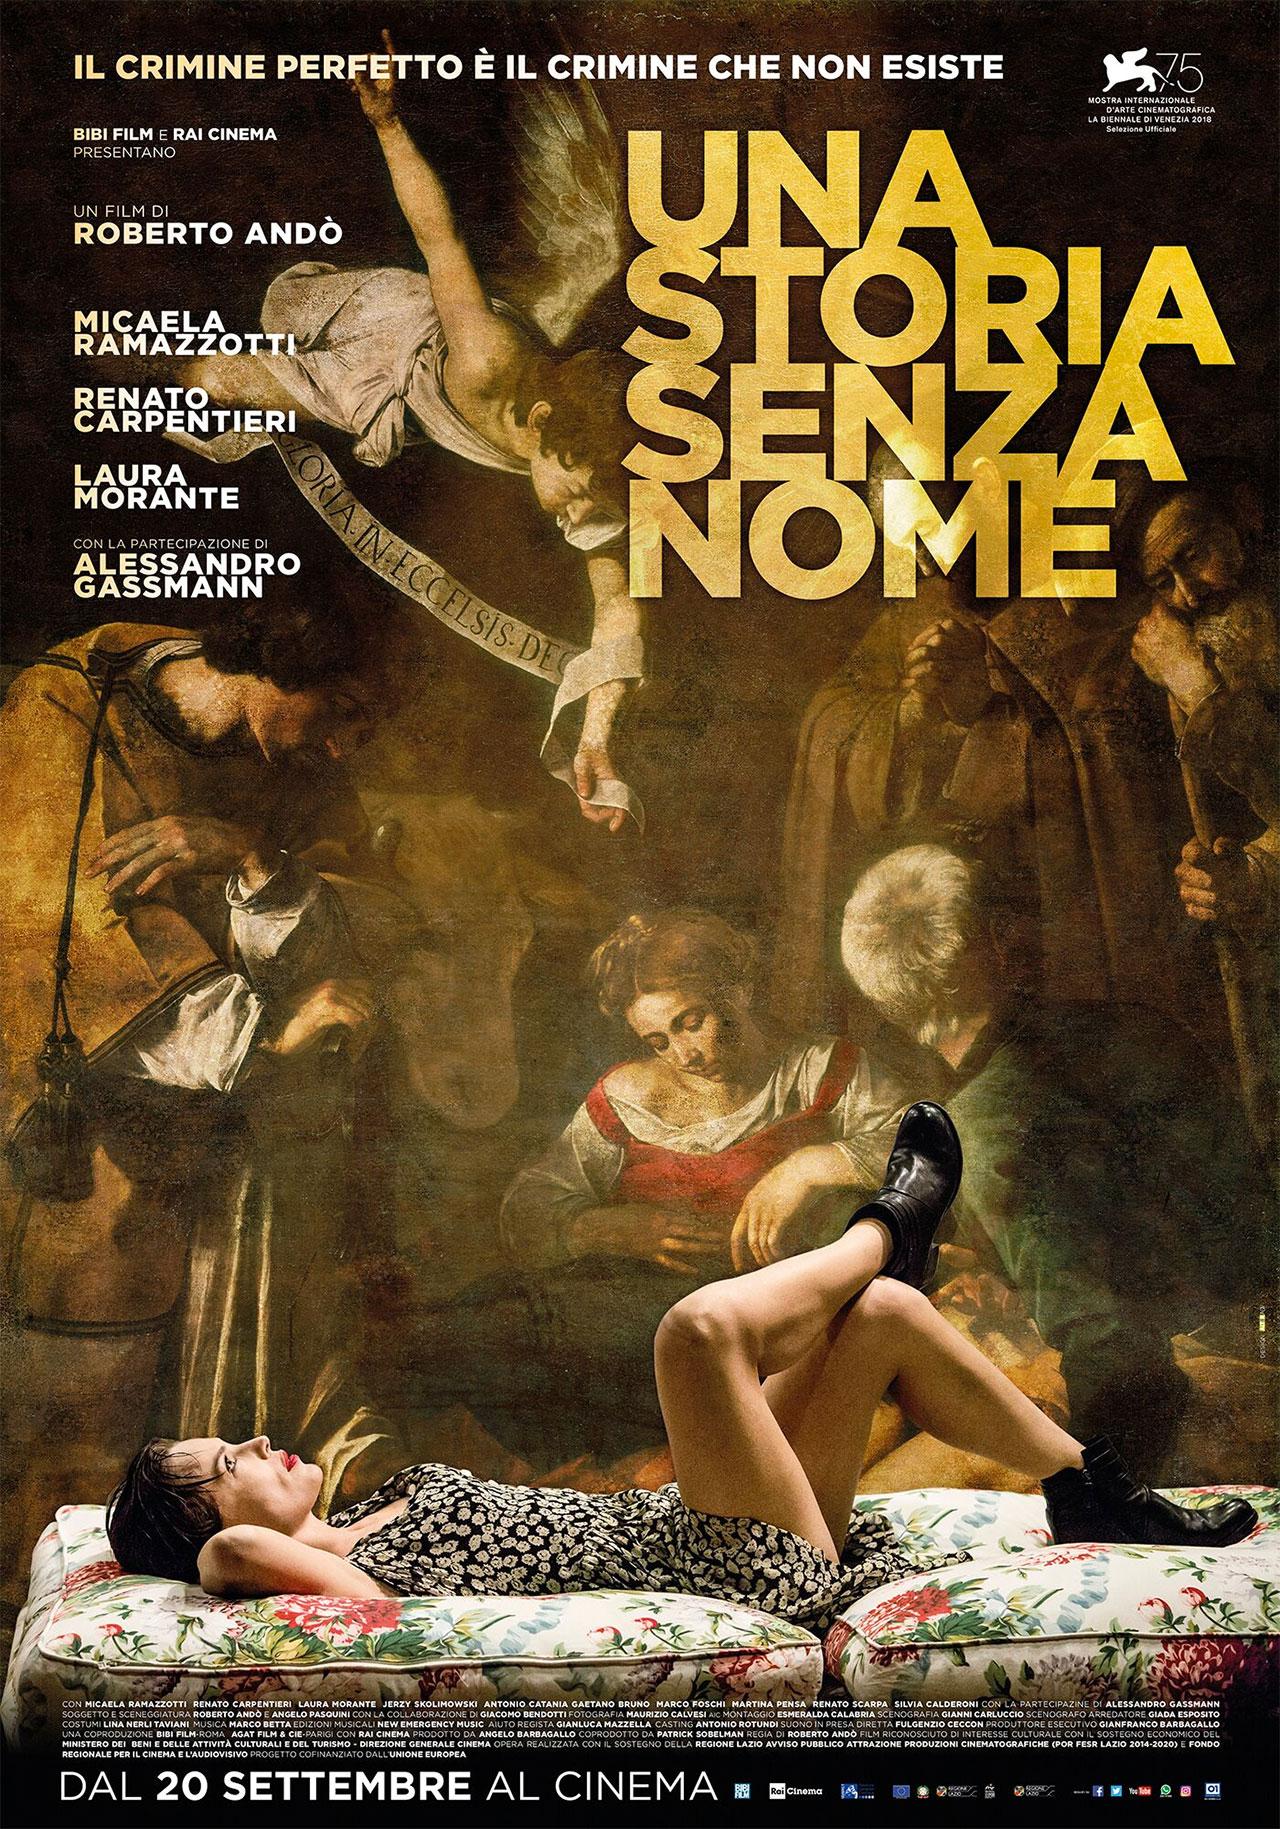 In foto Micaela Ramazzotti (40 anni) Dall'articolo: Una storia senza nome, il poster del film in programma a Venezia.